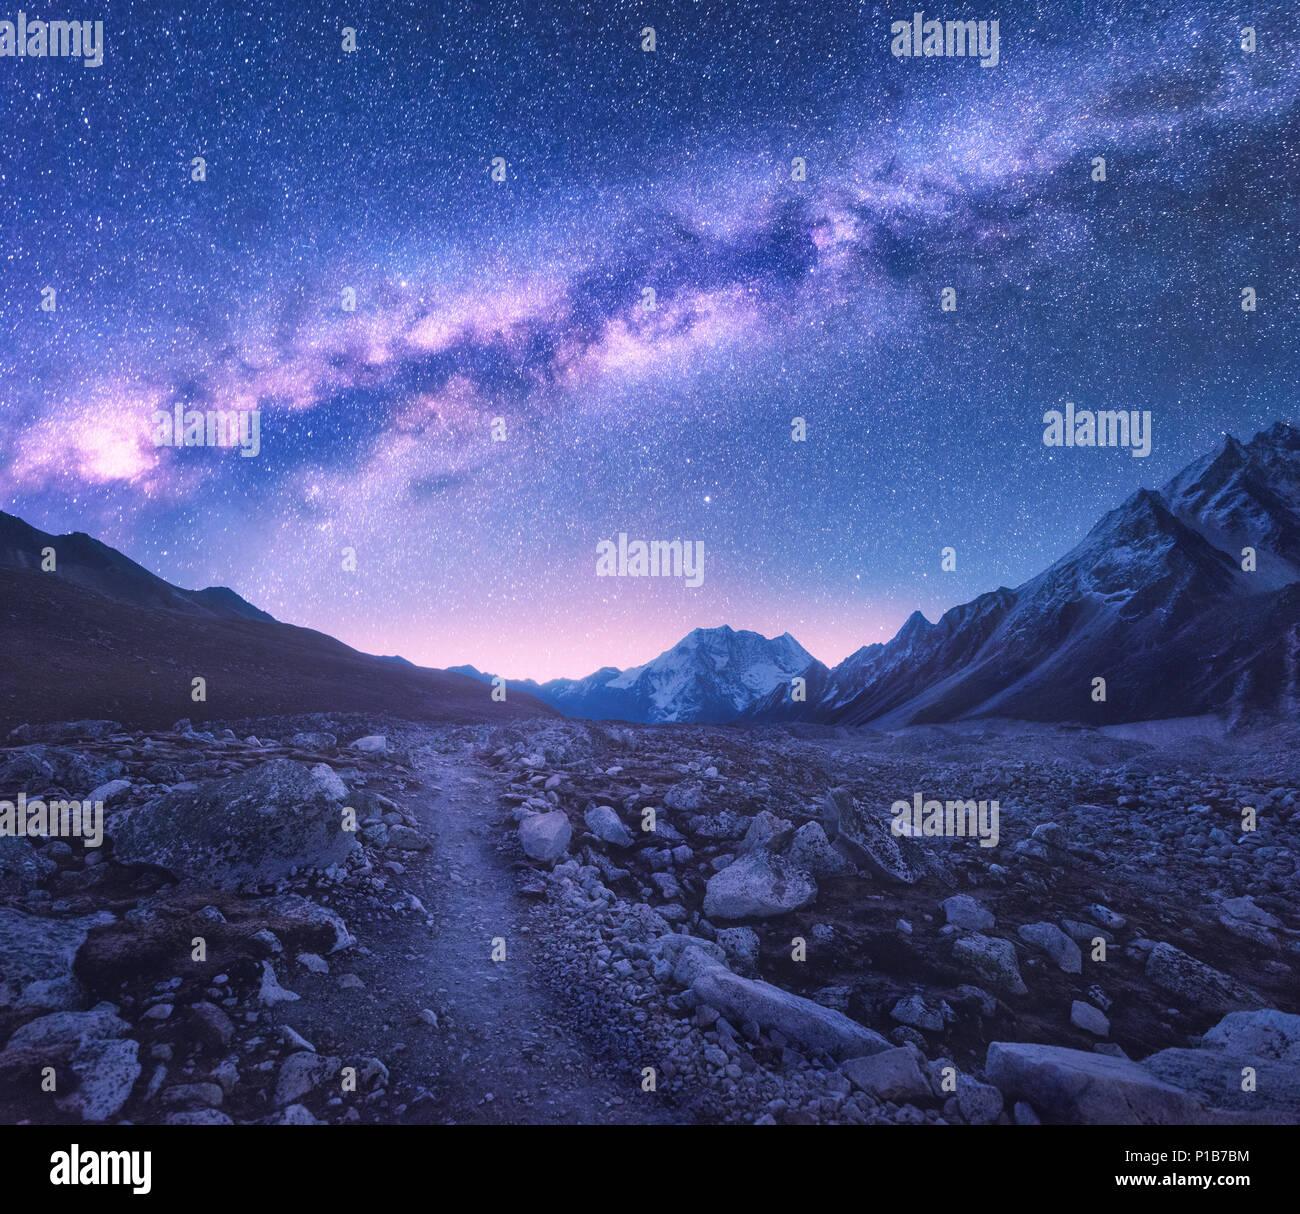 https www alamyimages fr voie lactee et les montagnes l espace vue magnifique sur les montagnes et ciel etoile de nuit au nepal sentier dans la vallee de montagne et ciel mauve avec des etoiles image207386360 html